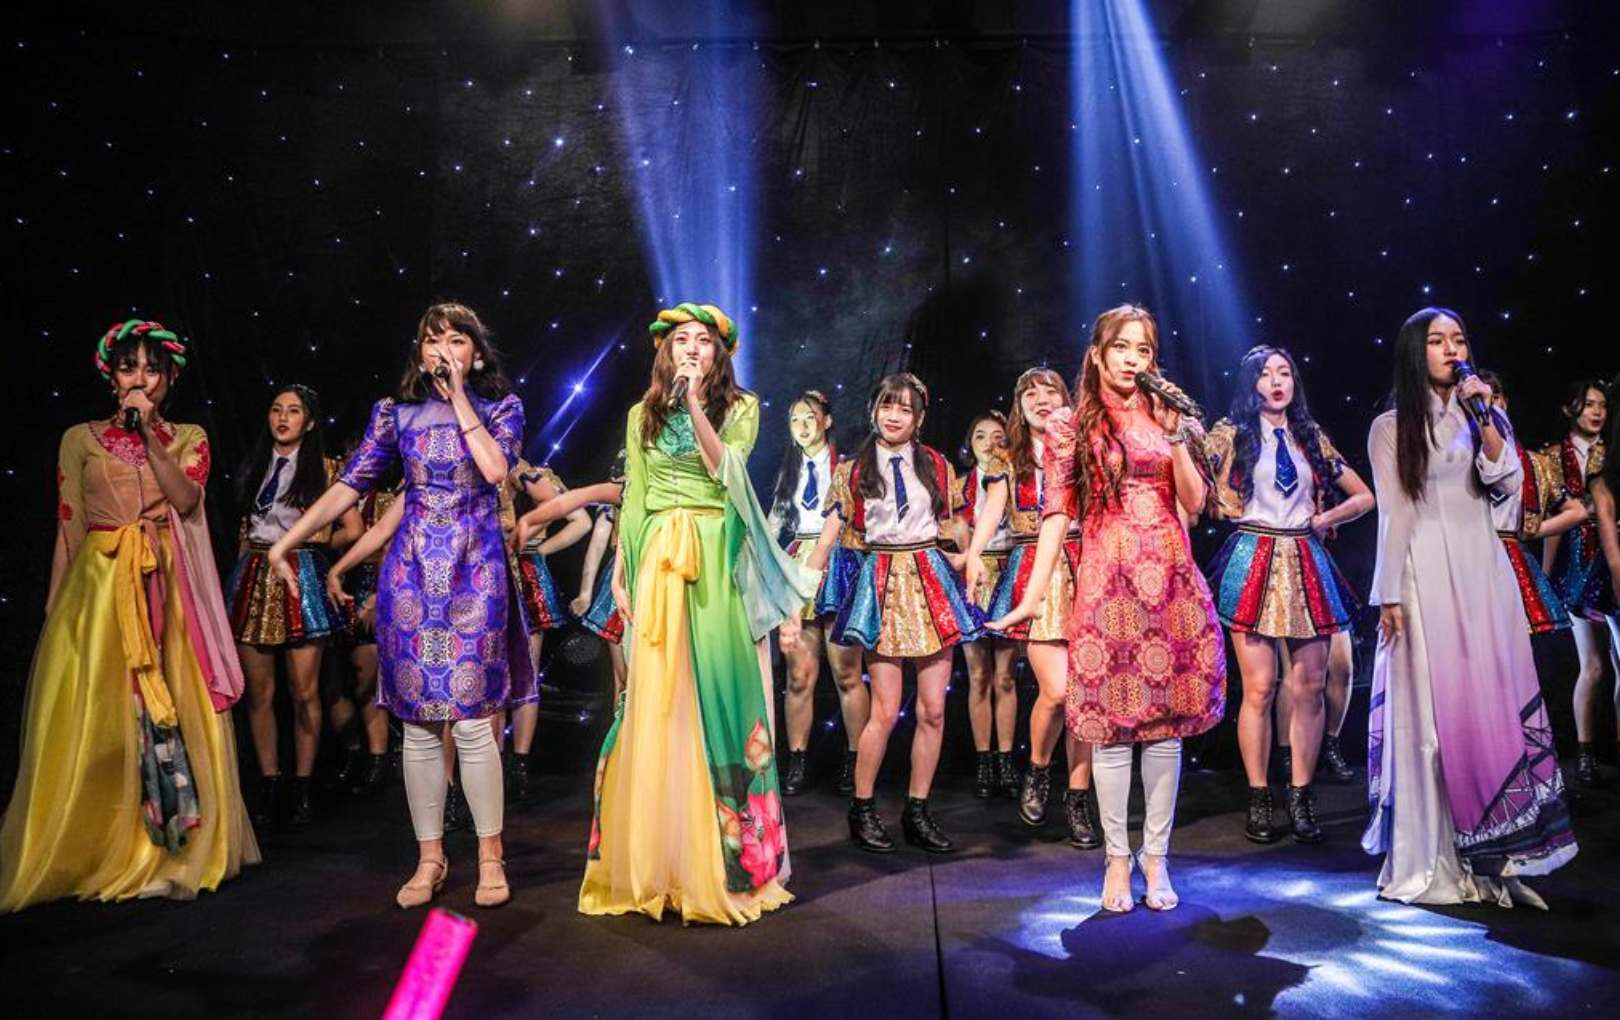 SGO48 – Nhóm nhạc đầu tiên đầu tư sân khấu riêng tại Việt Nam